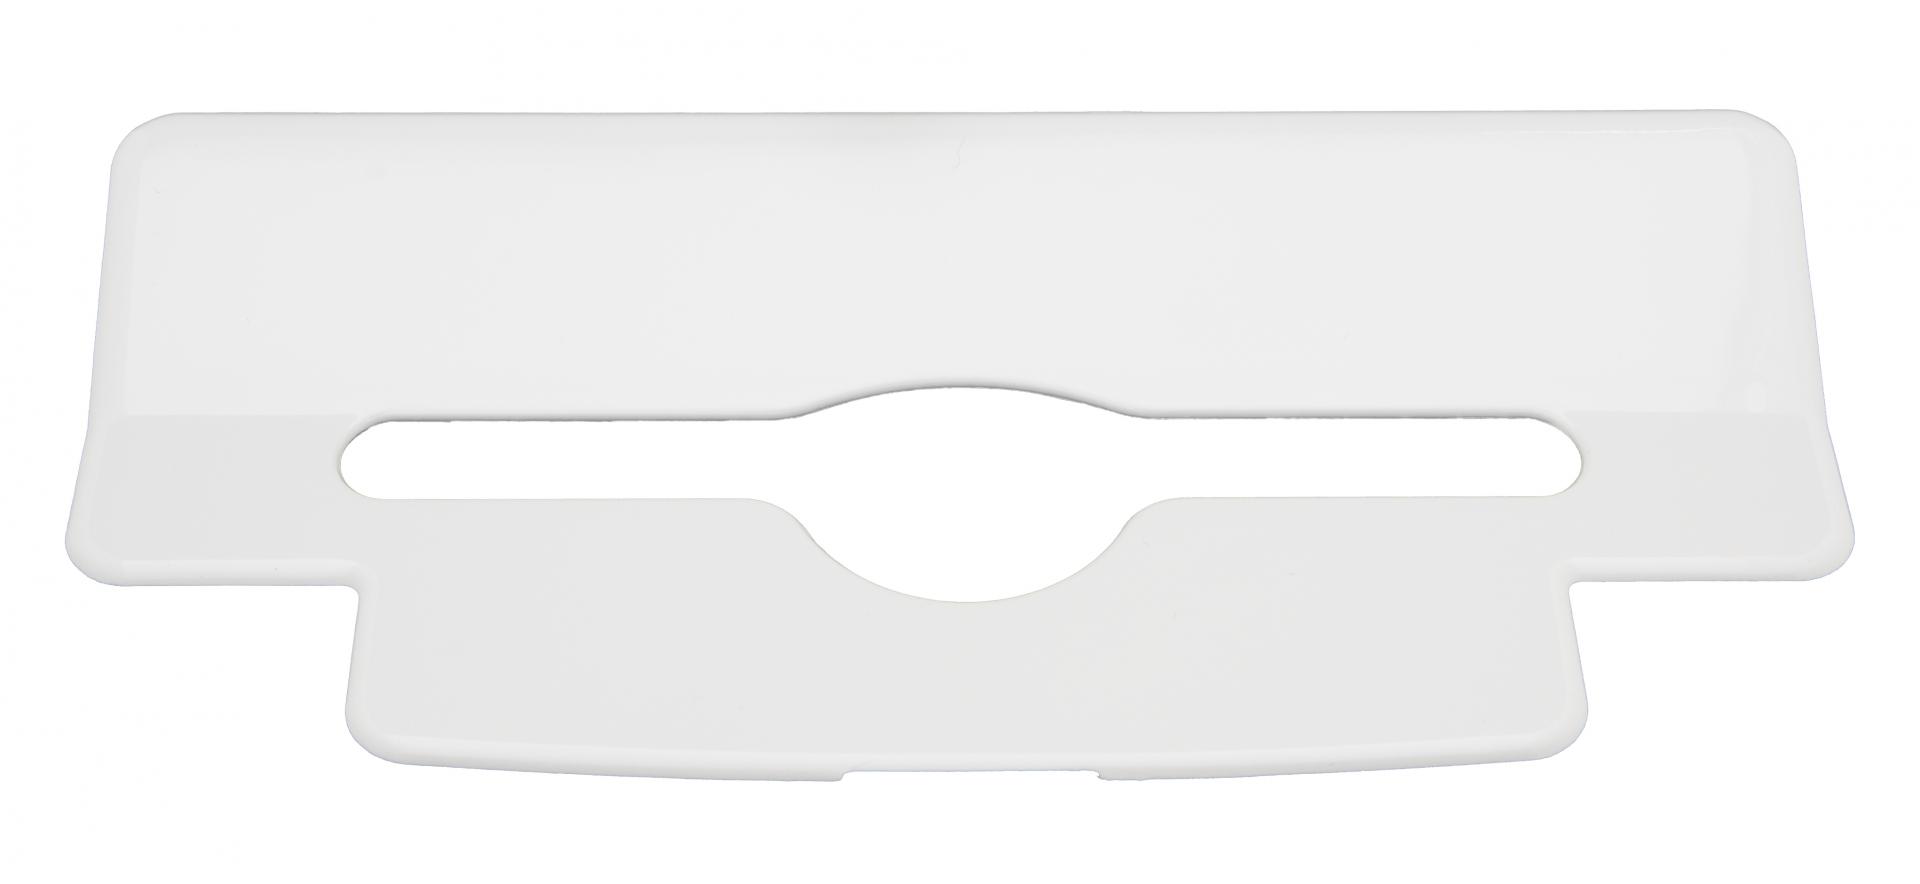 Interfold Adapter für Falthandtuchspender, weiß, 26 x 12 cm